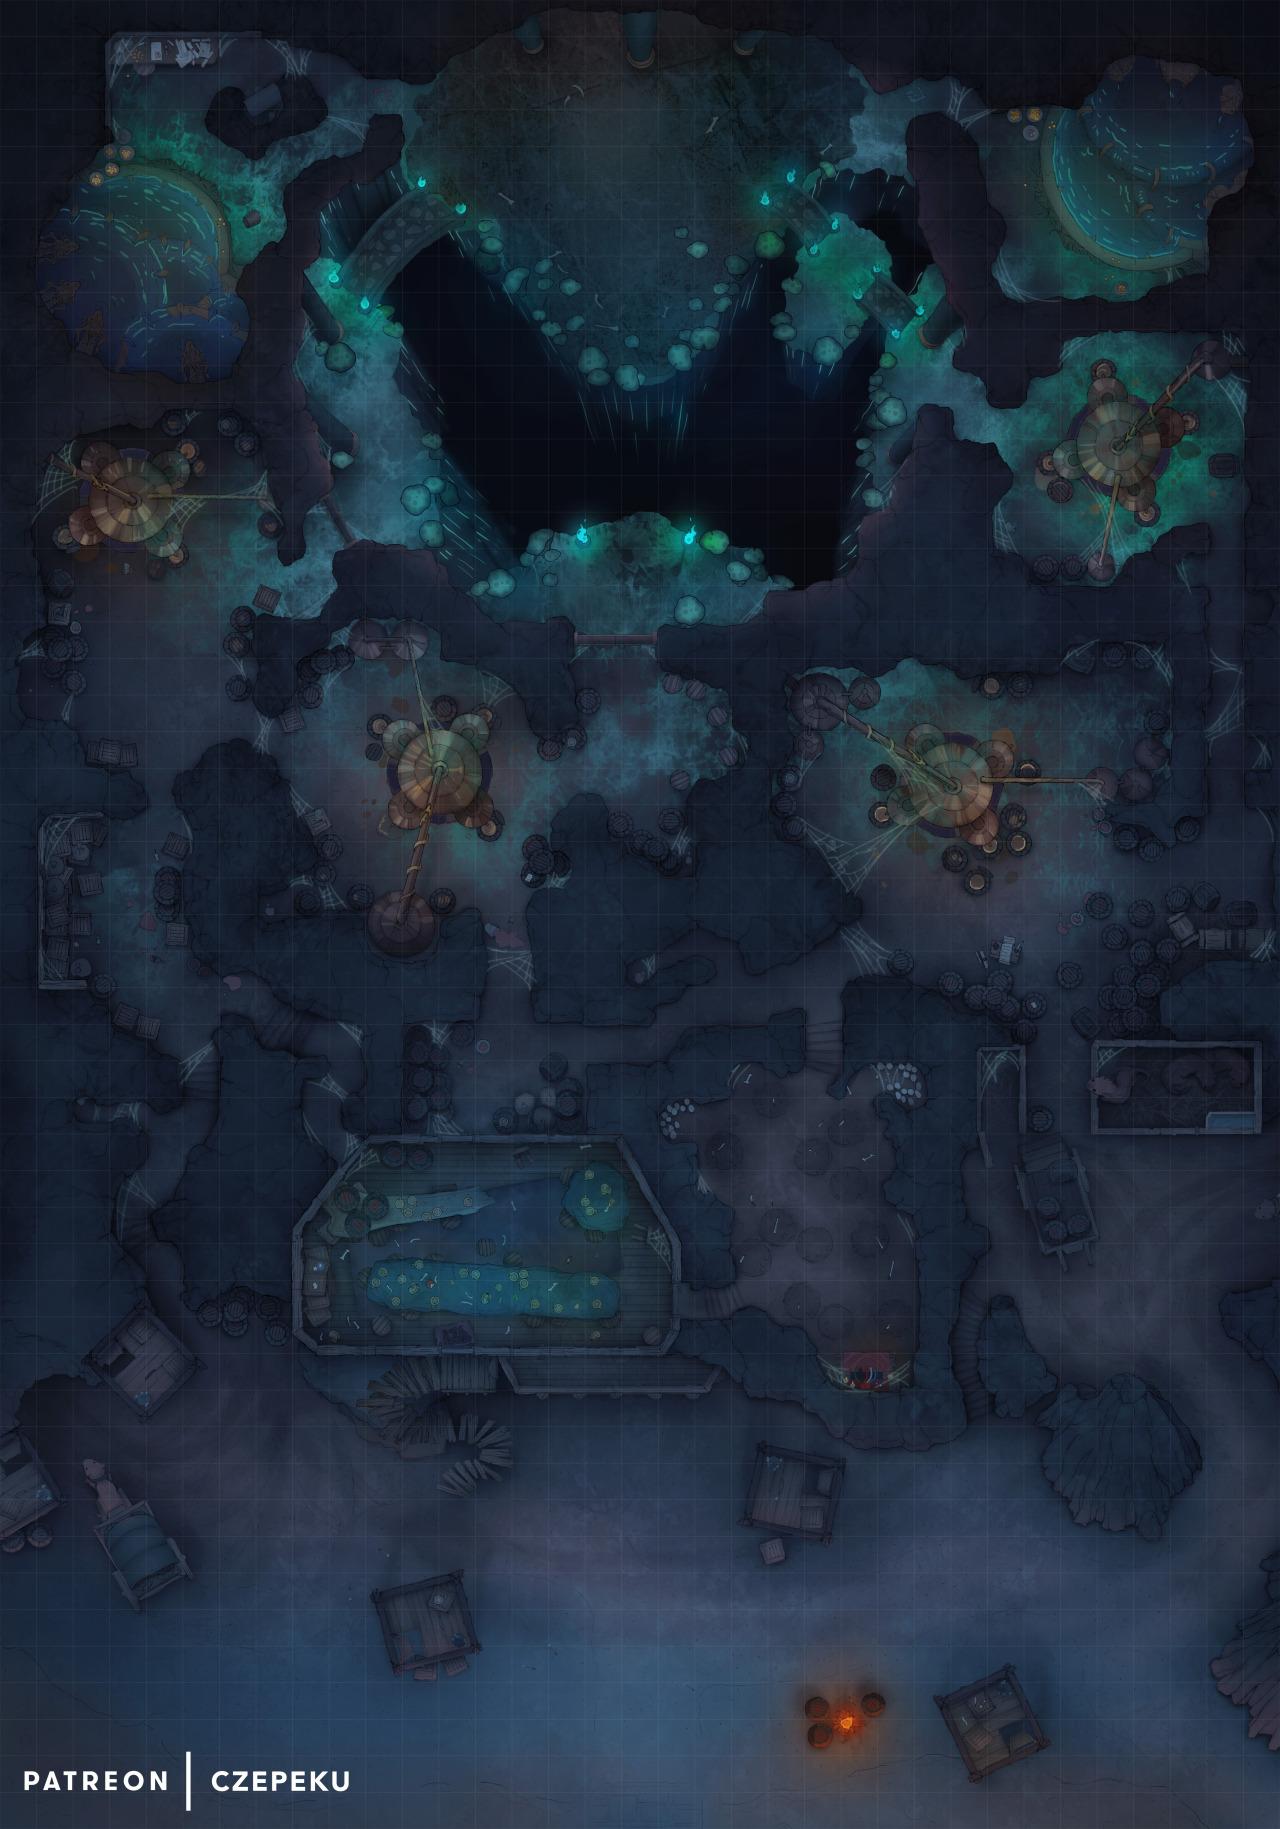 Underdark Map : underdark, Czepeku's, Entry, Underdark, Battlemap, Within, The...